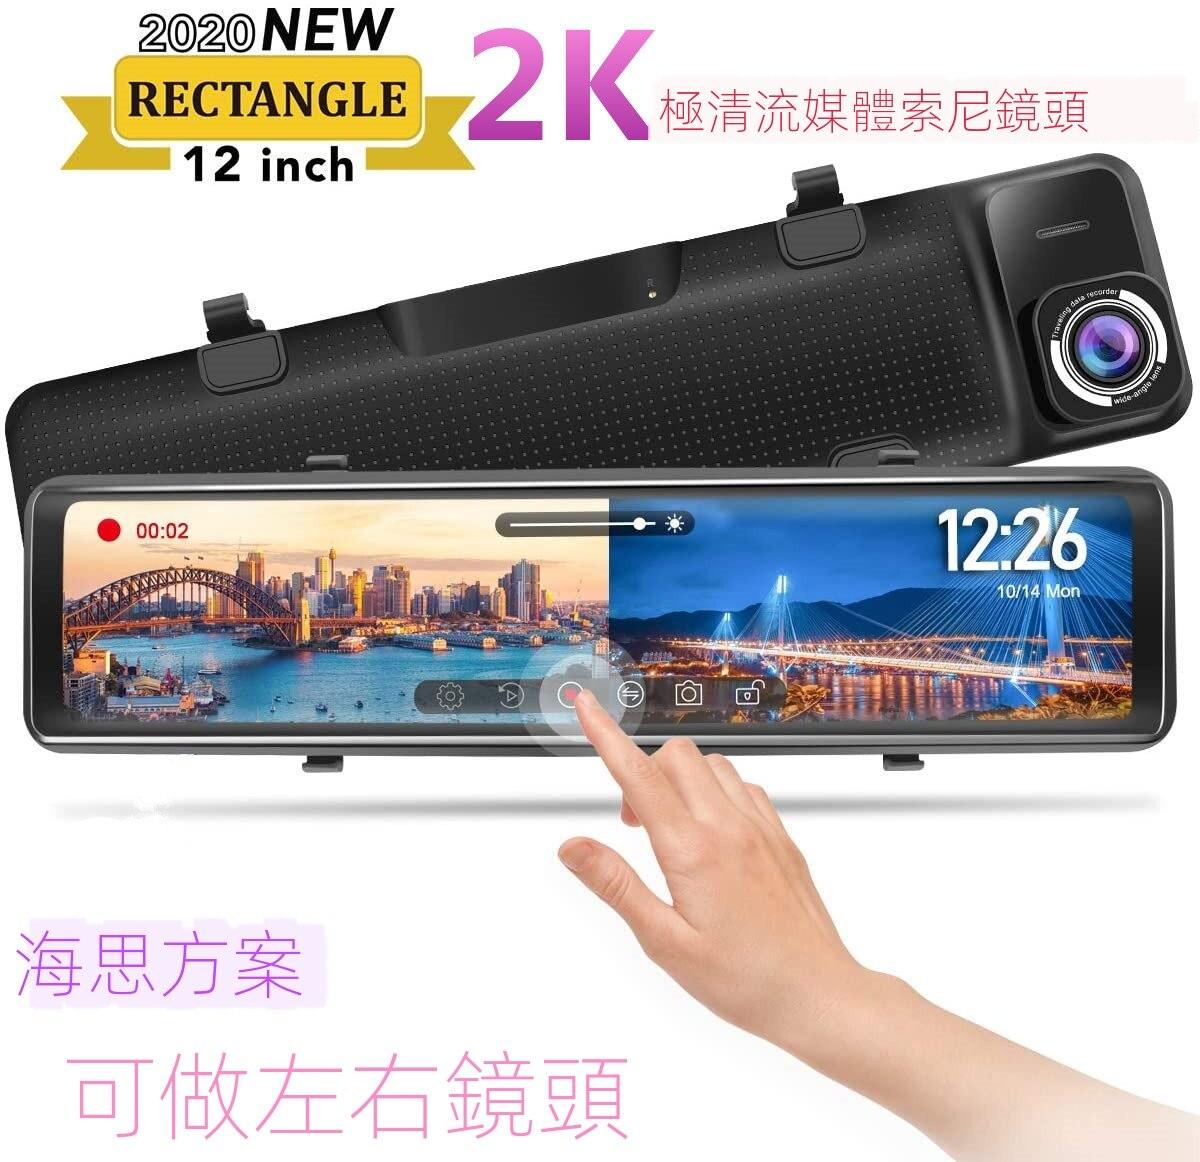 限時免運新款行車記錄器 行車記錄儀 12時2K海思超高清1440P雙鏡頭後視鏡流媒體